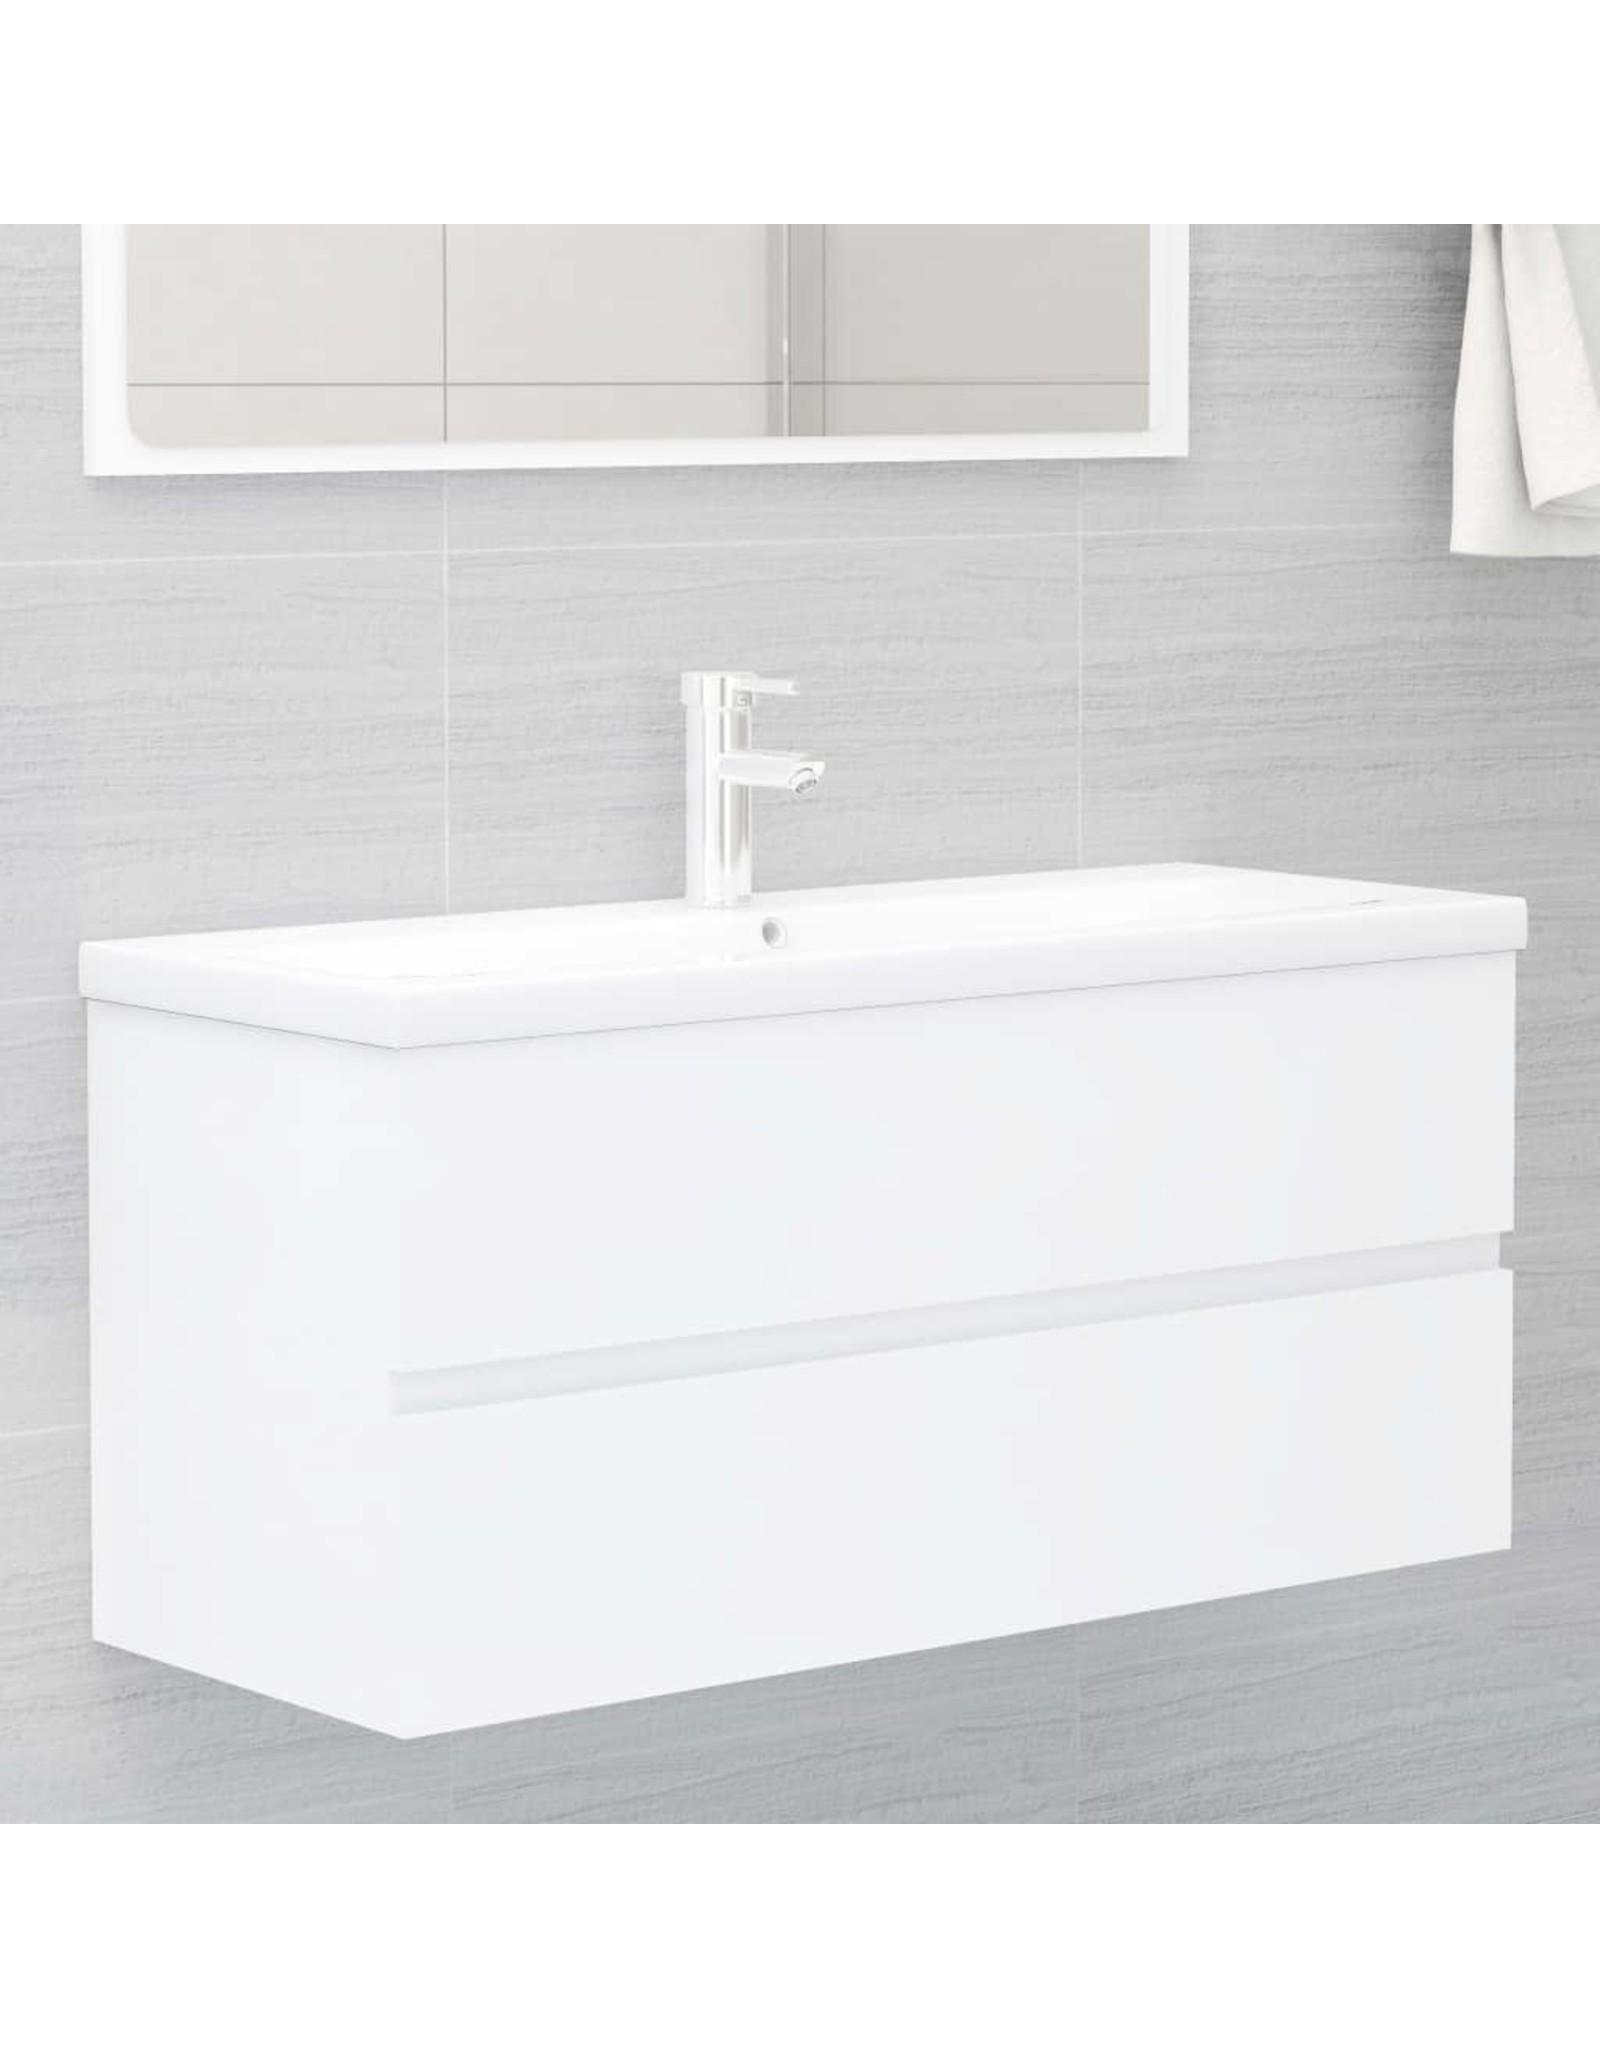 Badkamermeubelset spaanplaat wit